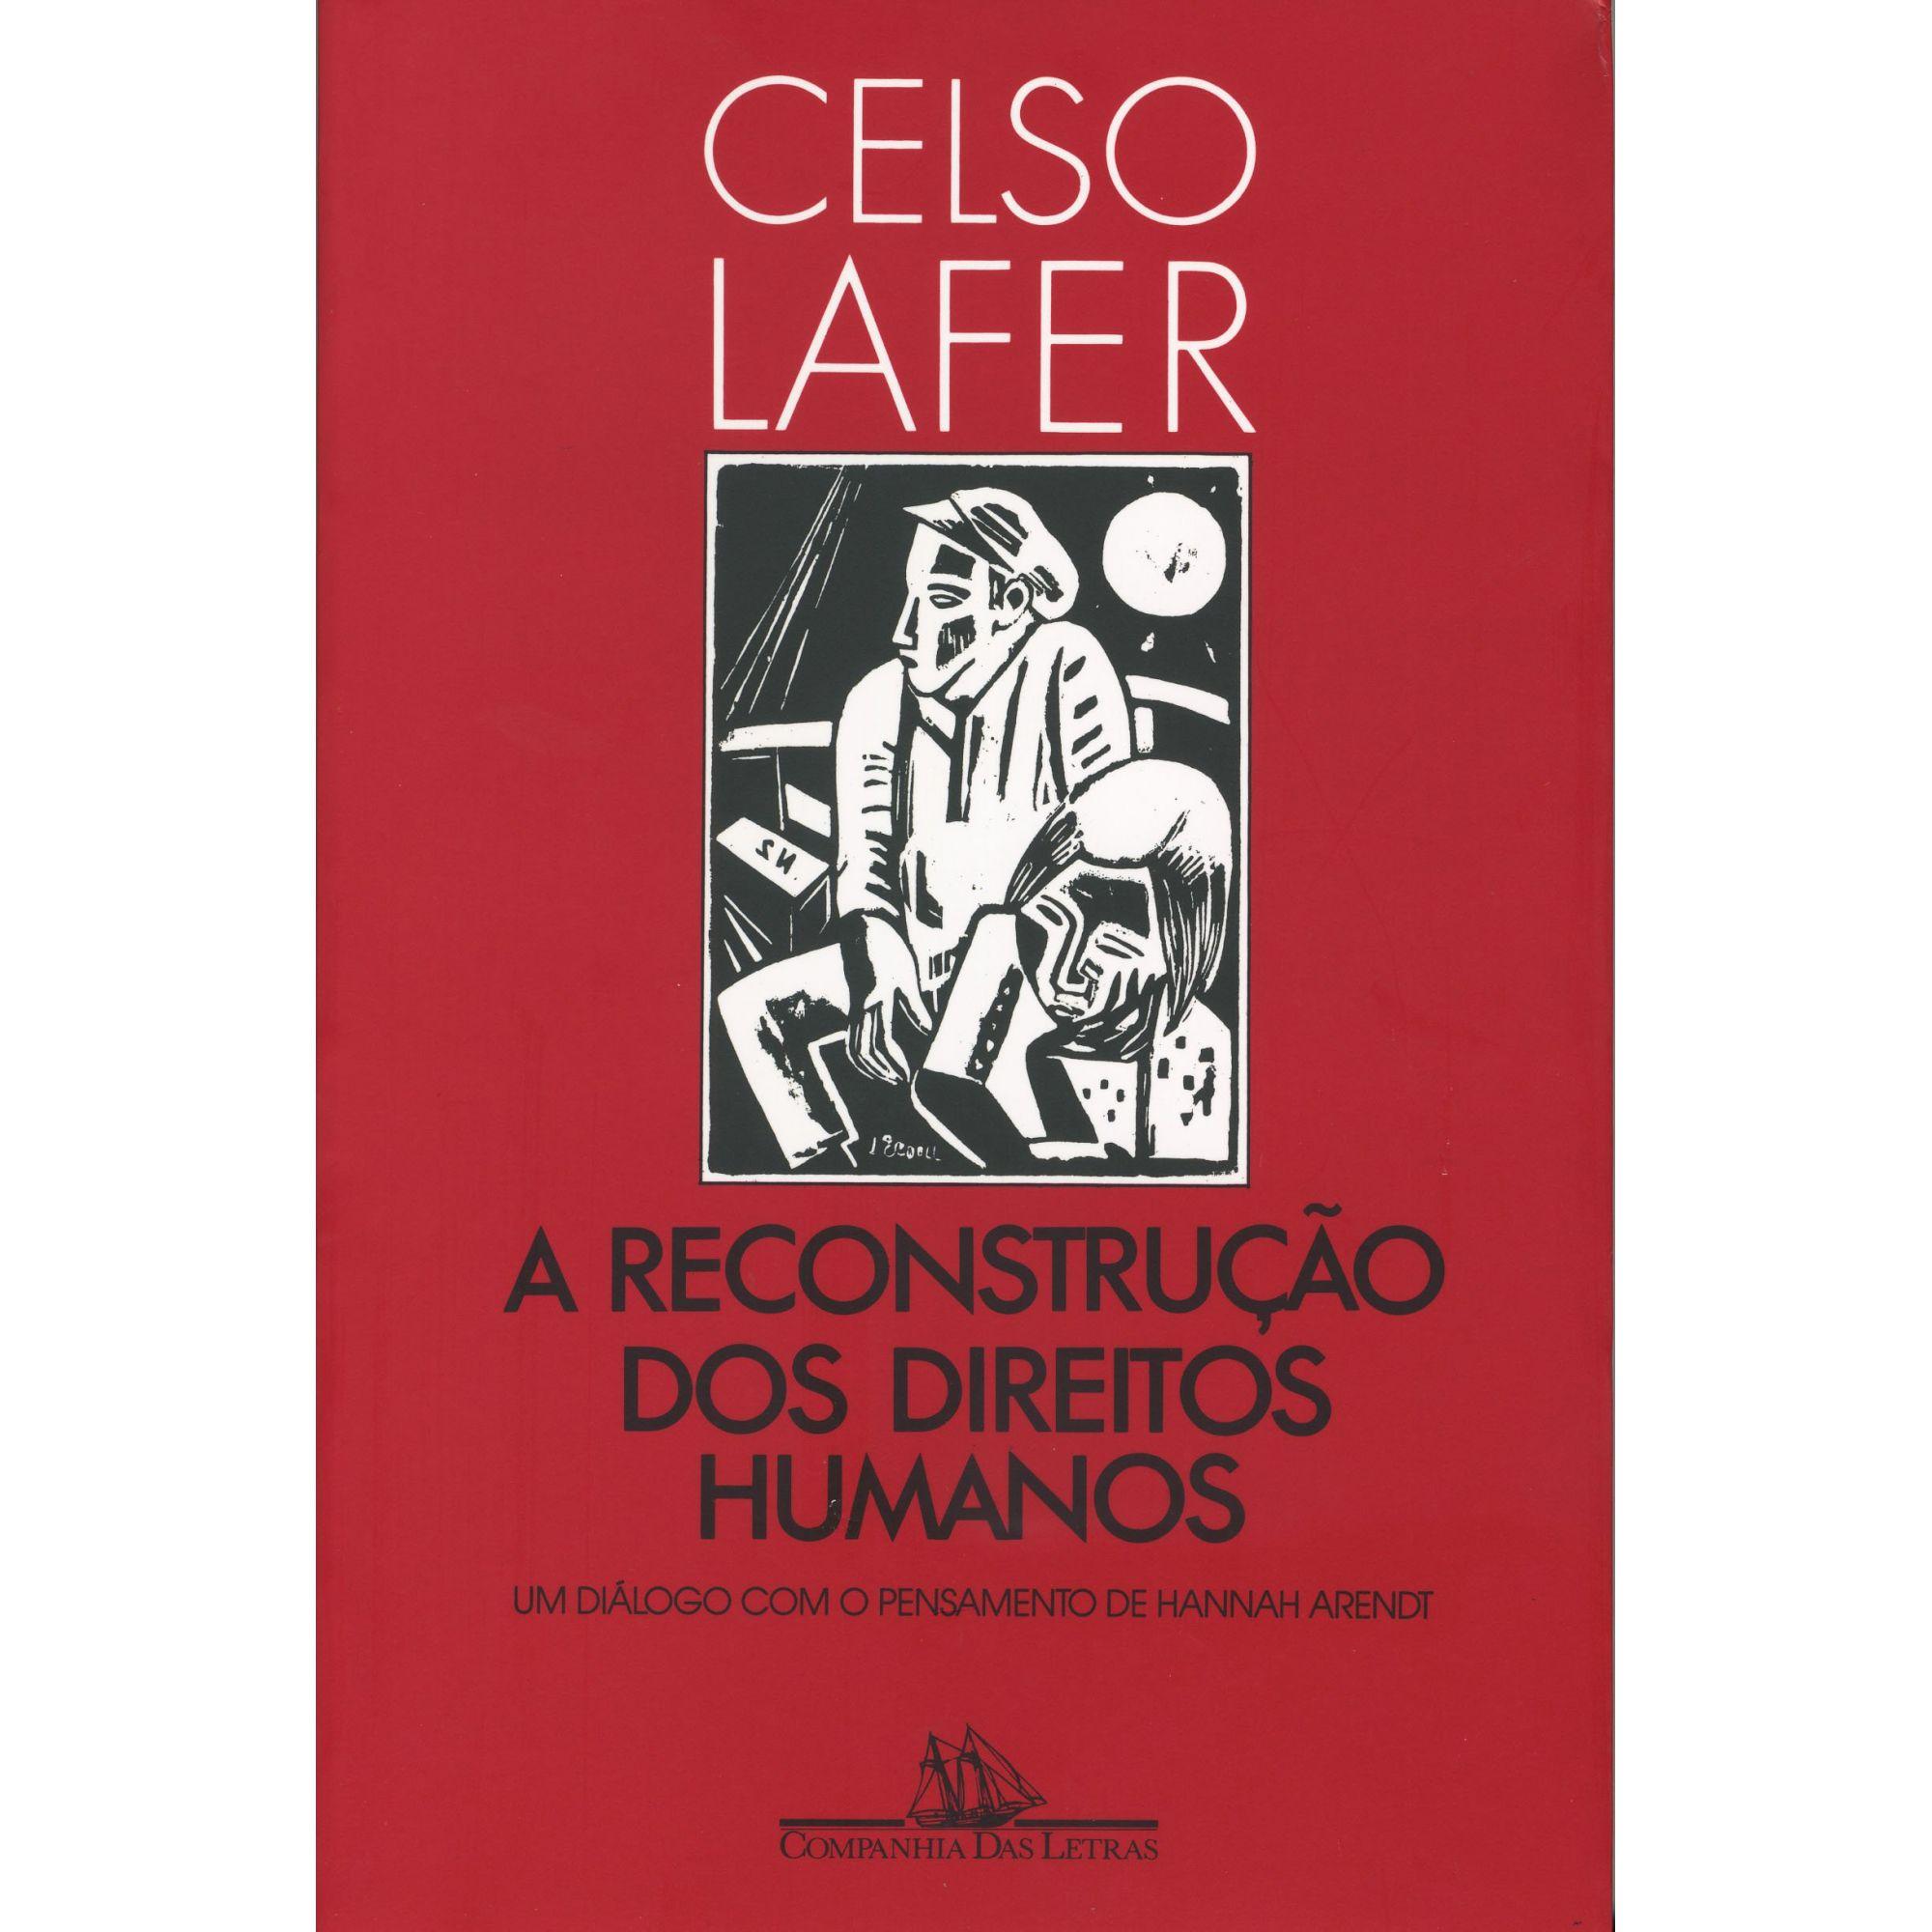 A reconstrução dos direitos humanos